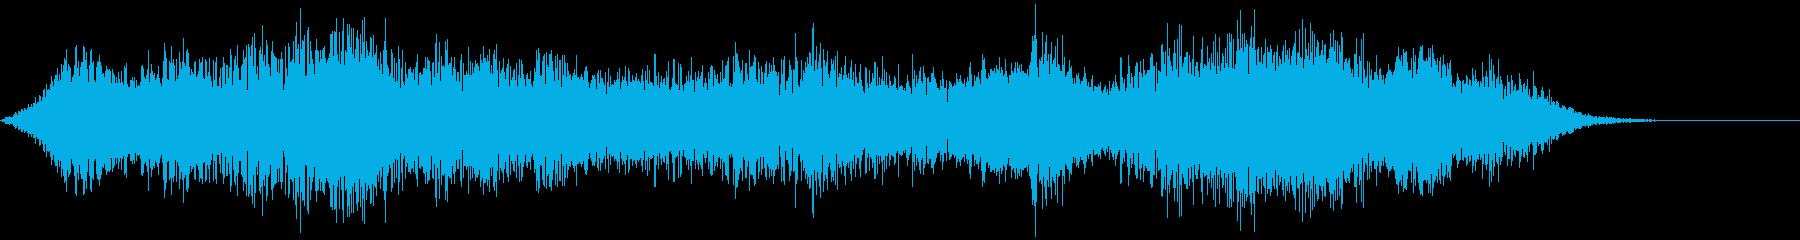 【ホラーゲーム】亡霊の叫びの再生済みの波形